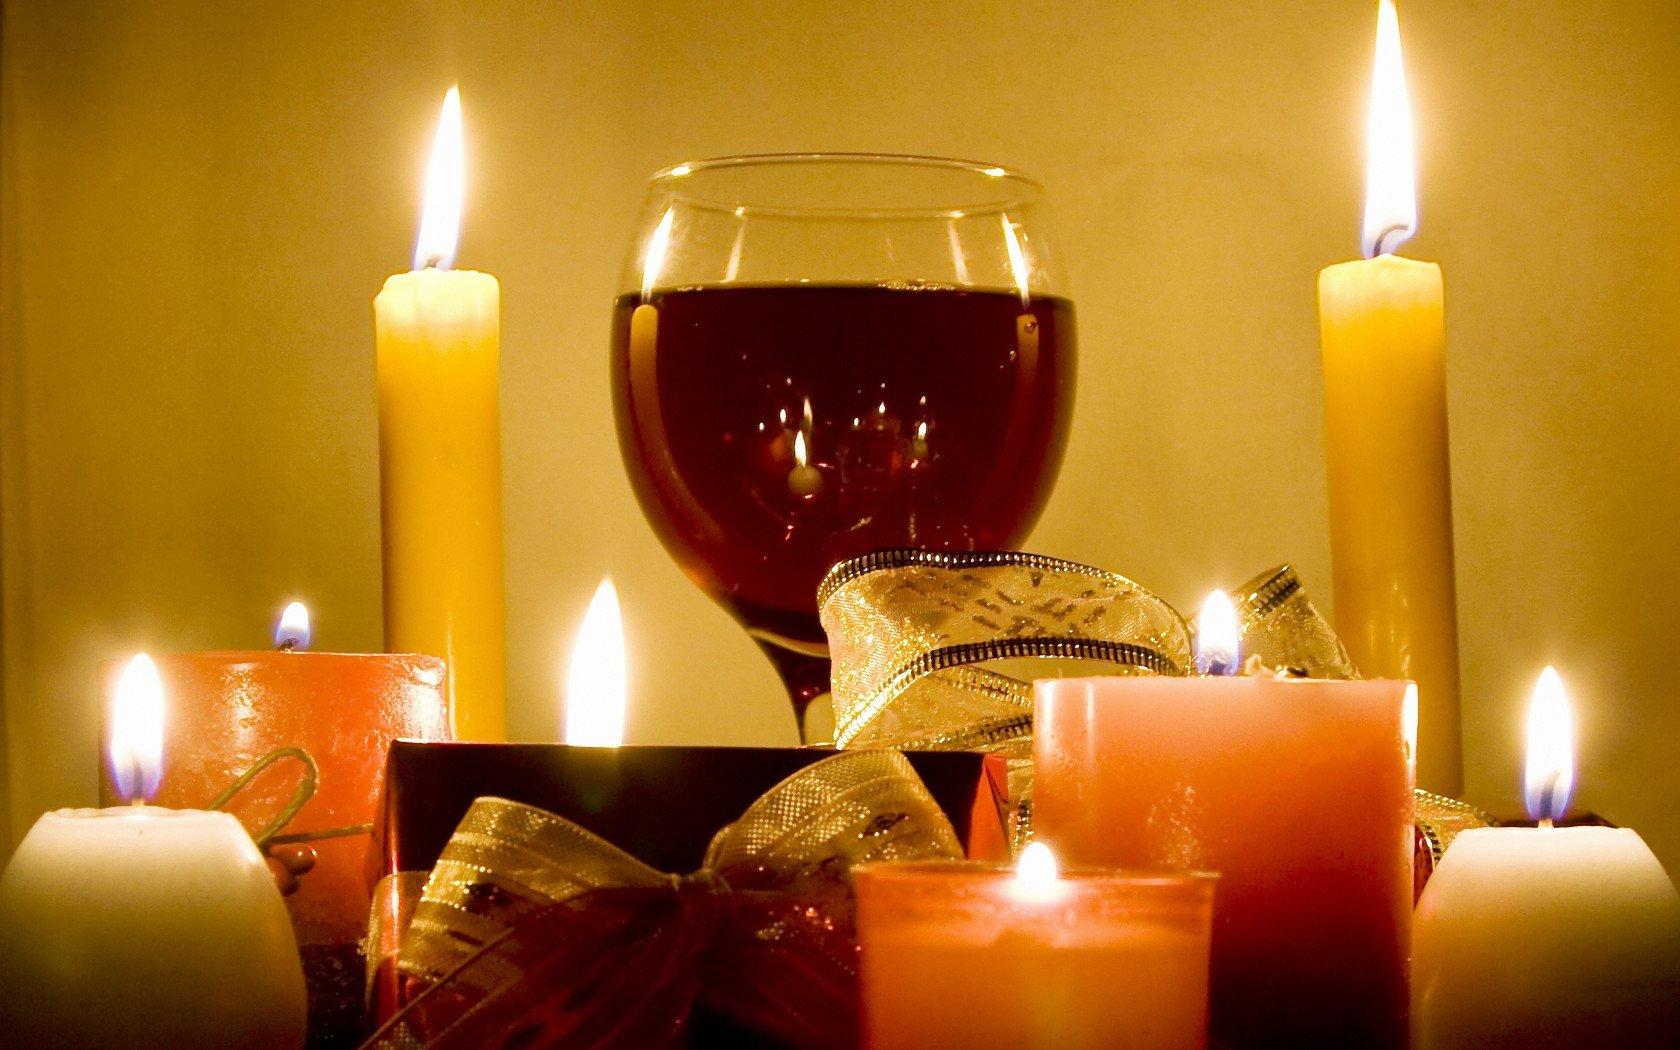 Мужчина должен выпить вино в течение недели, чтобы ритуал подействовал